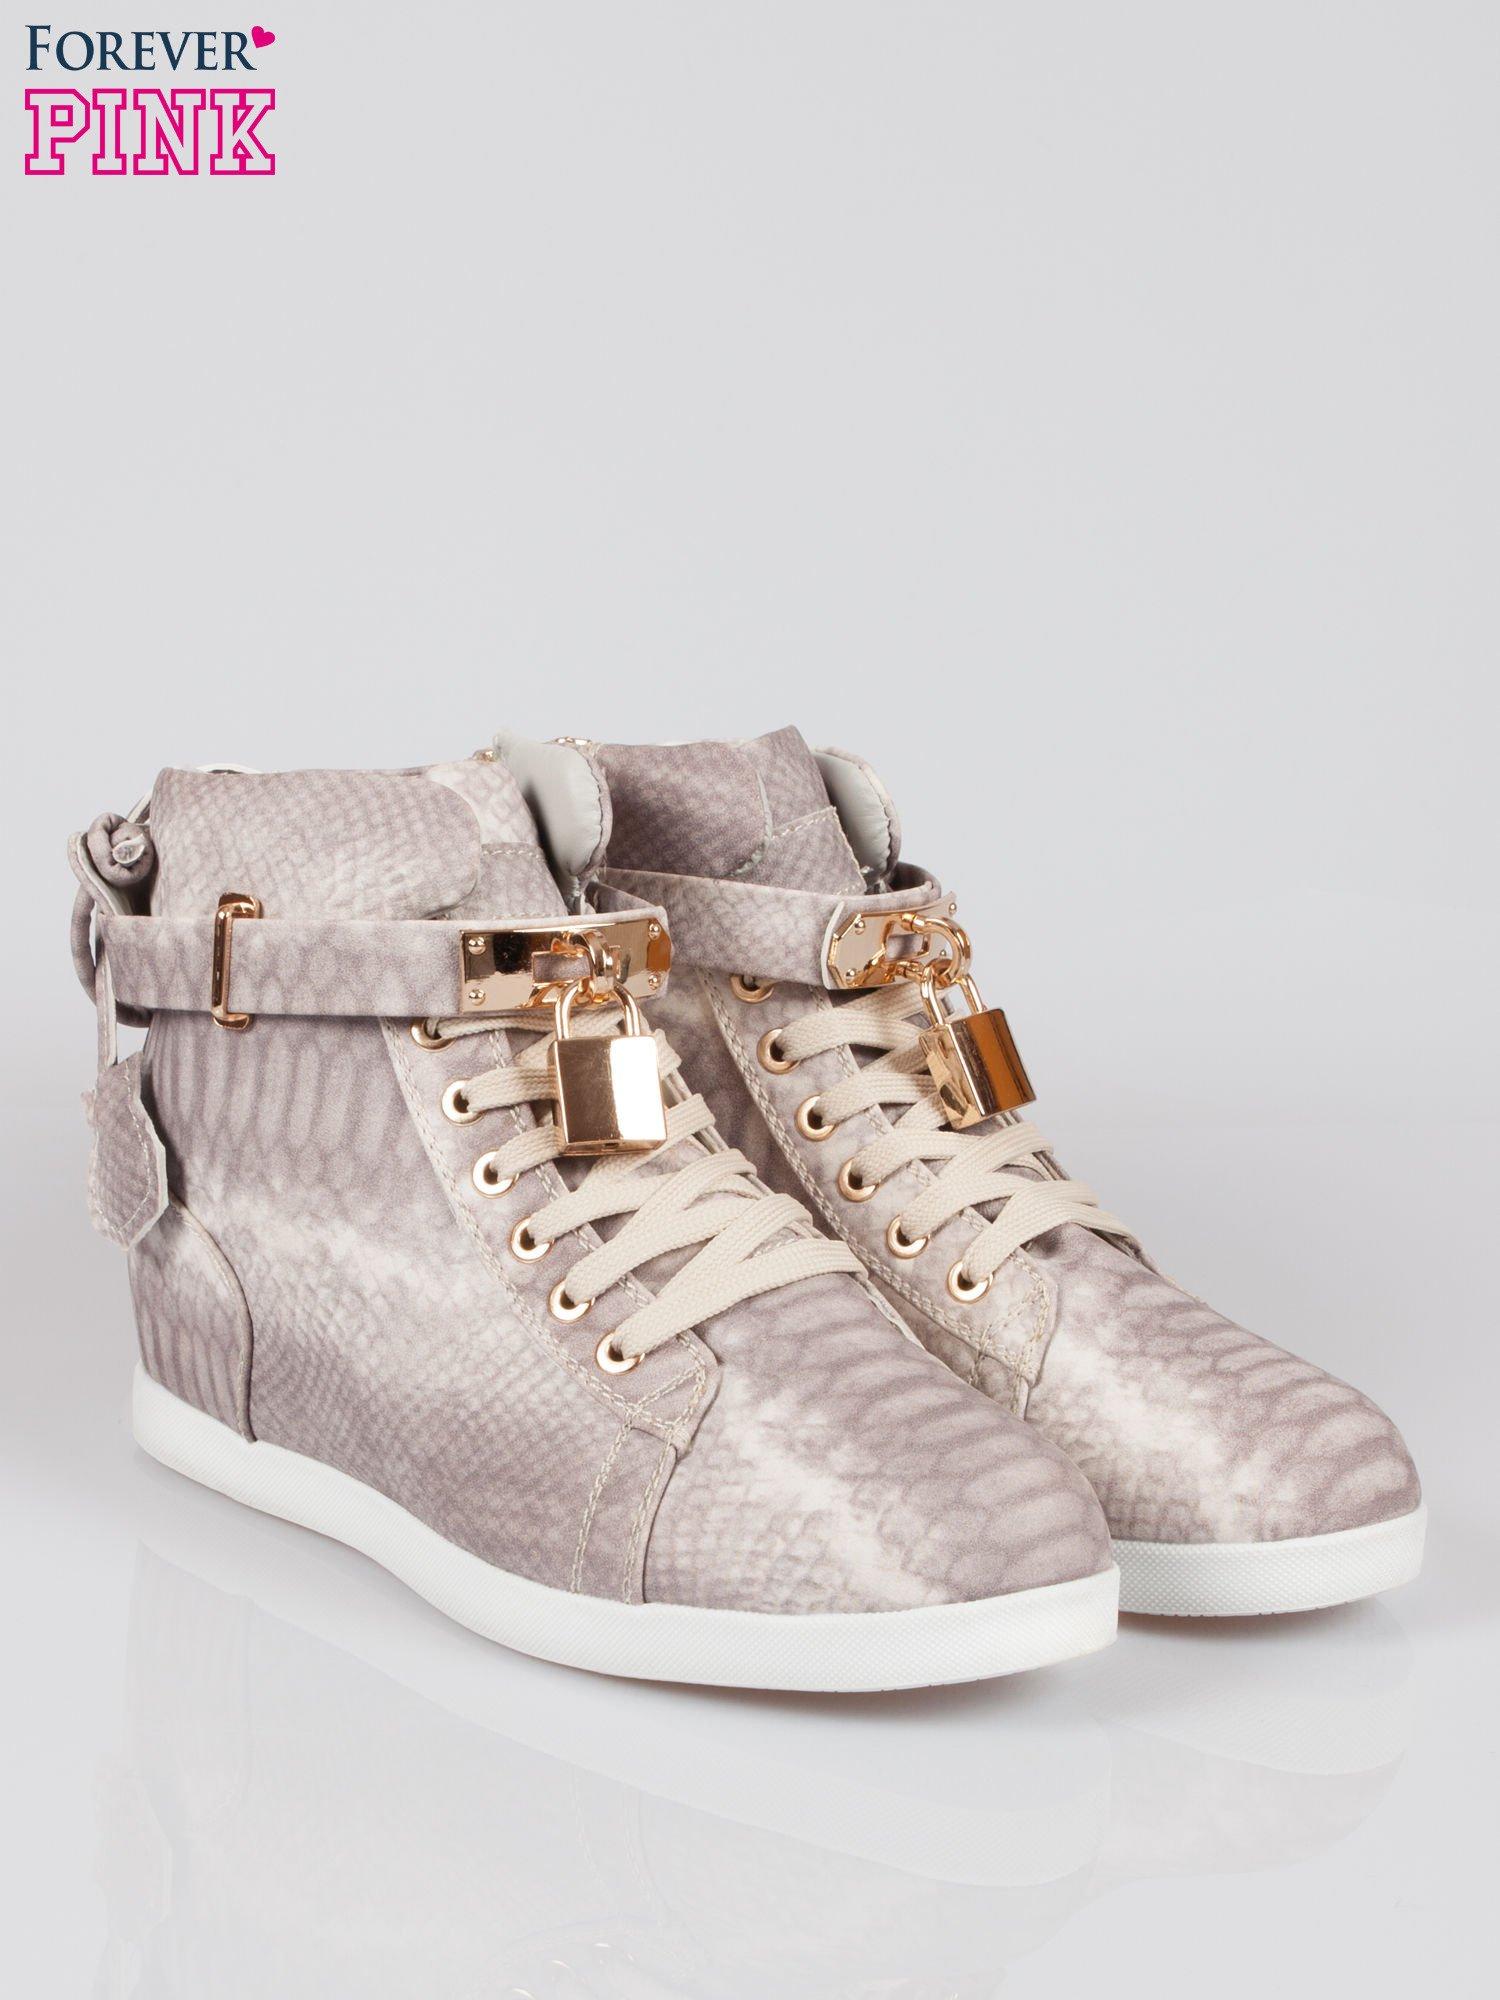 Wężowe sneakersy damskie ze złotą kłódką                                  zdj.                                  2